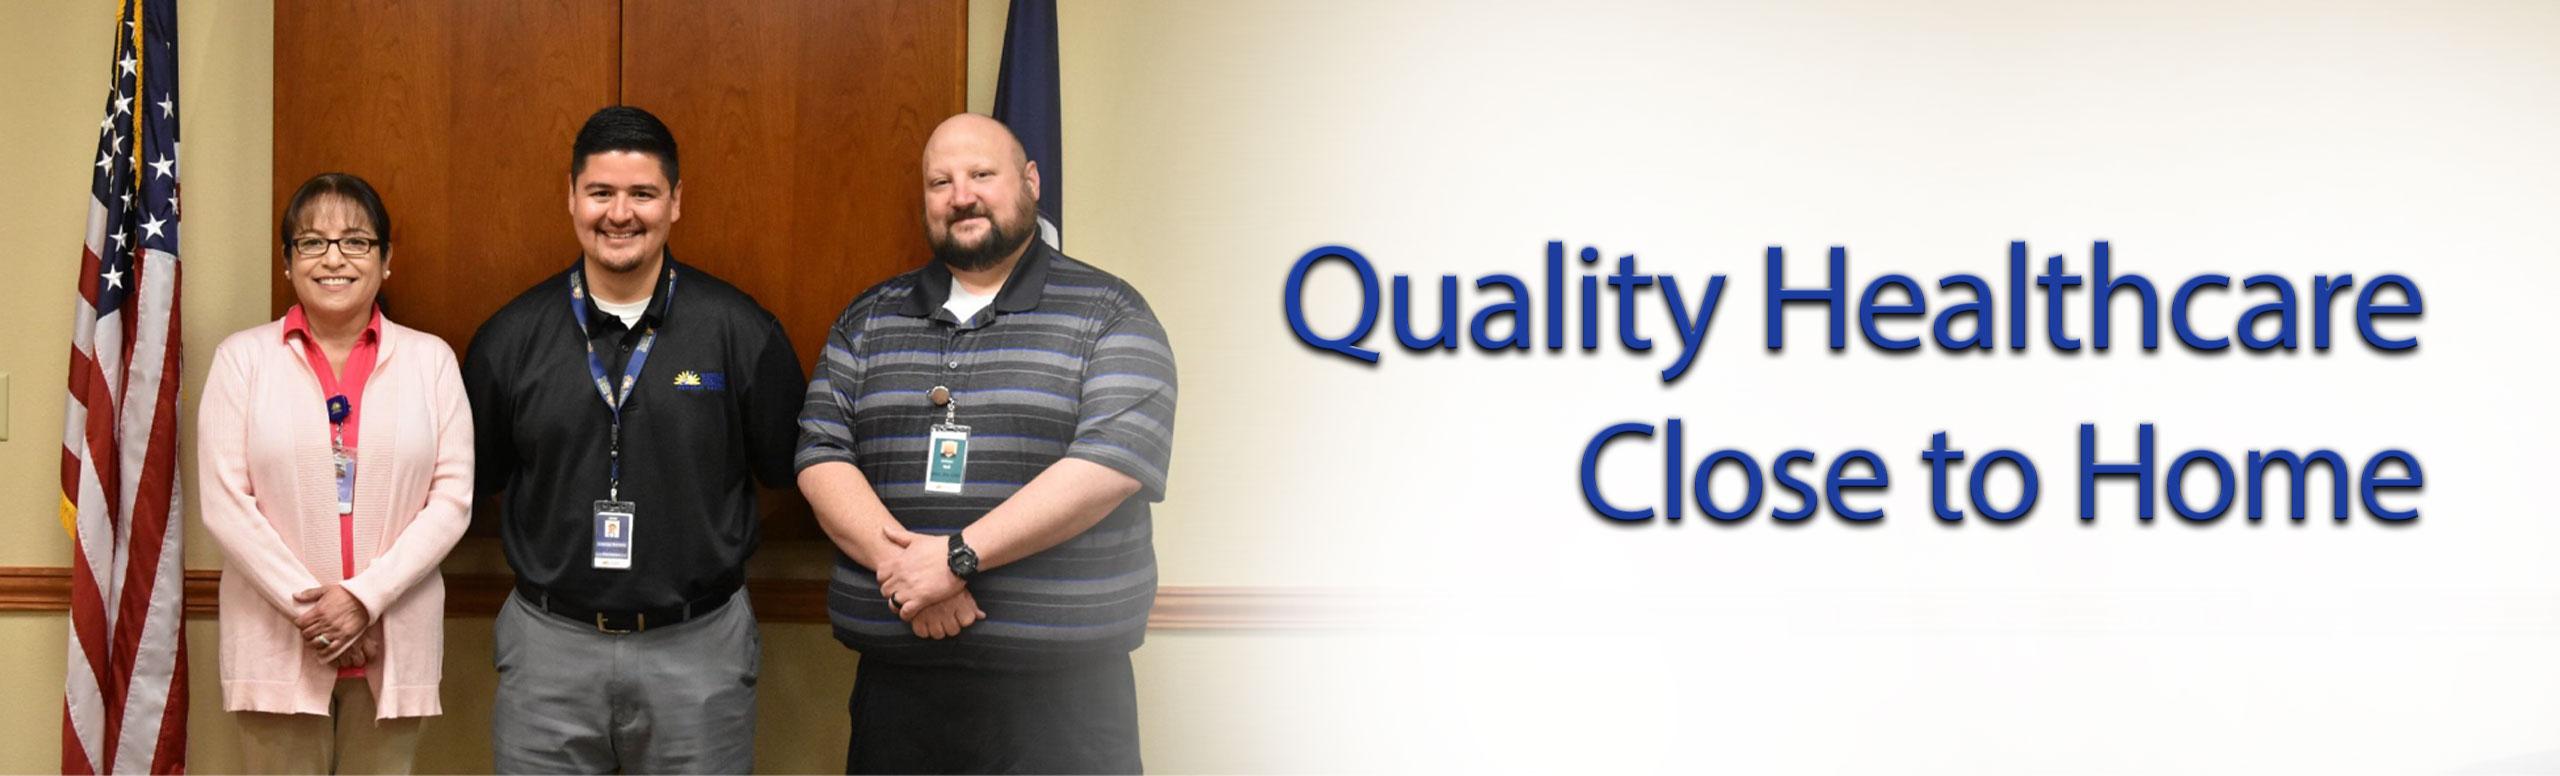 Quality Healthcare Close to home